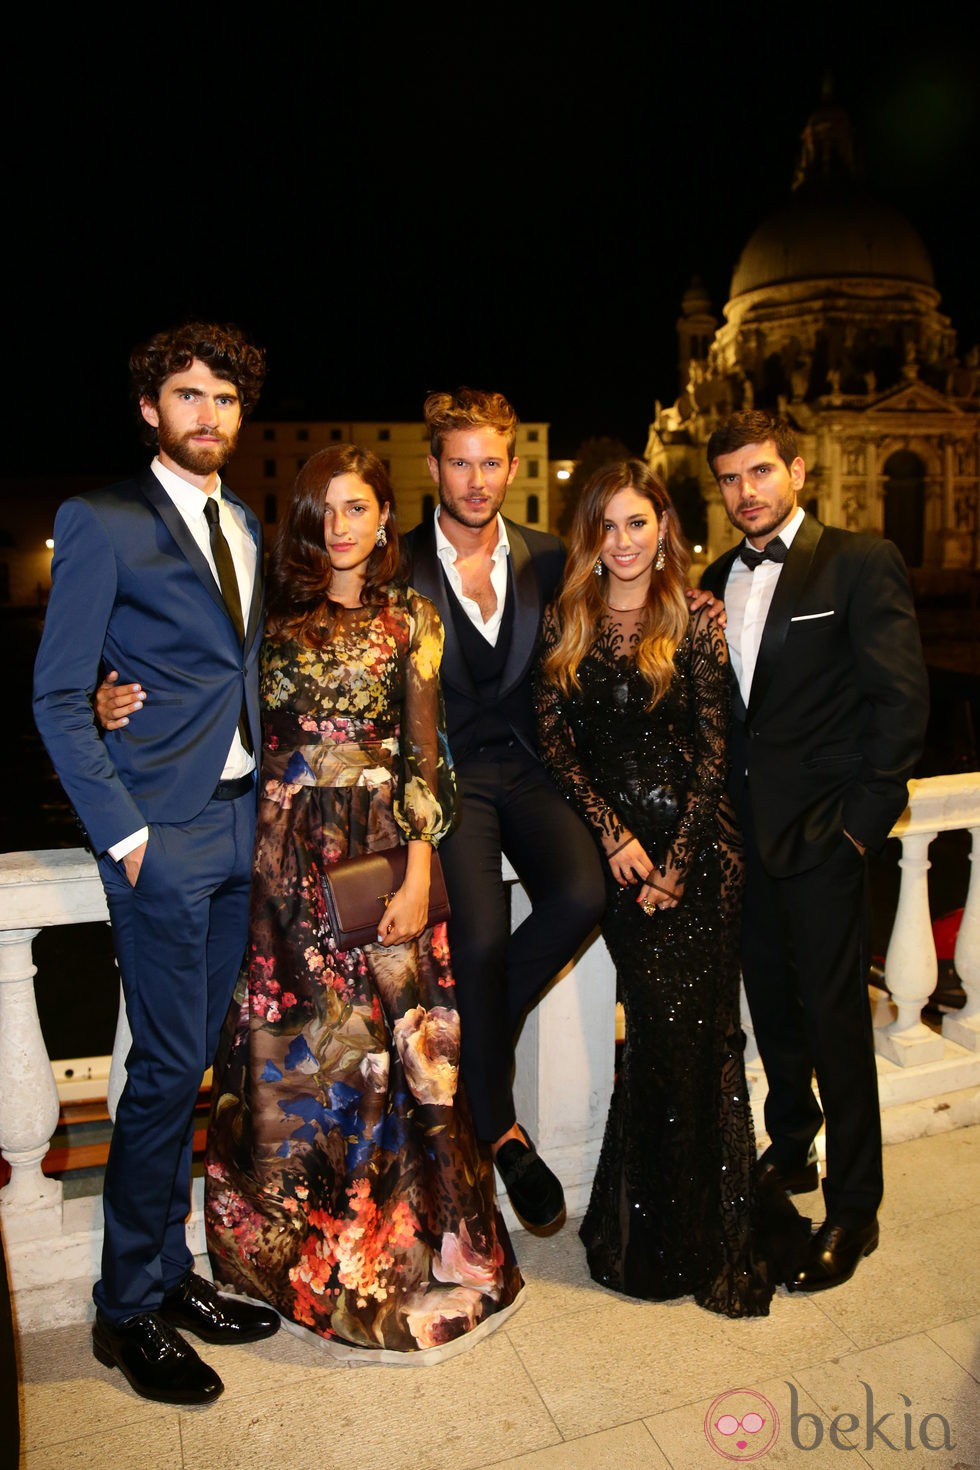 Benja Bruijning, Eleonora Carisi, Paolo Stella, Blanca Suarez y Manos Gavras en una fiesta durante el Festival de Cine de Venecia 2014